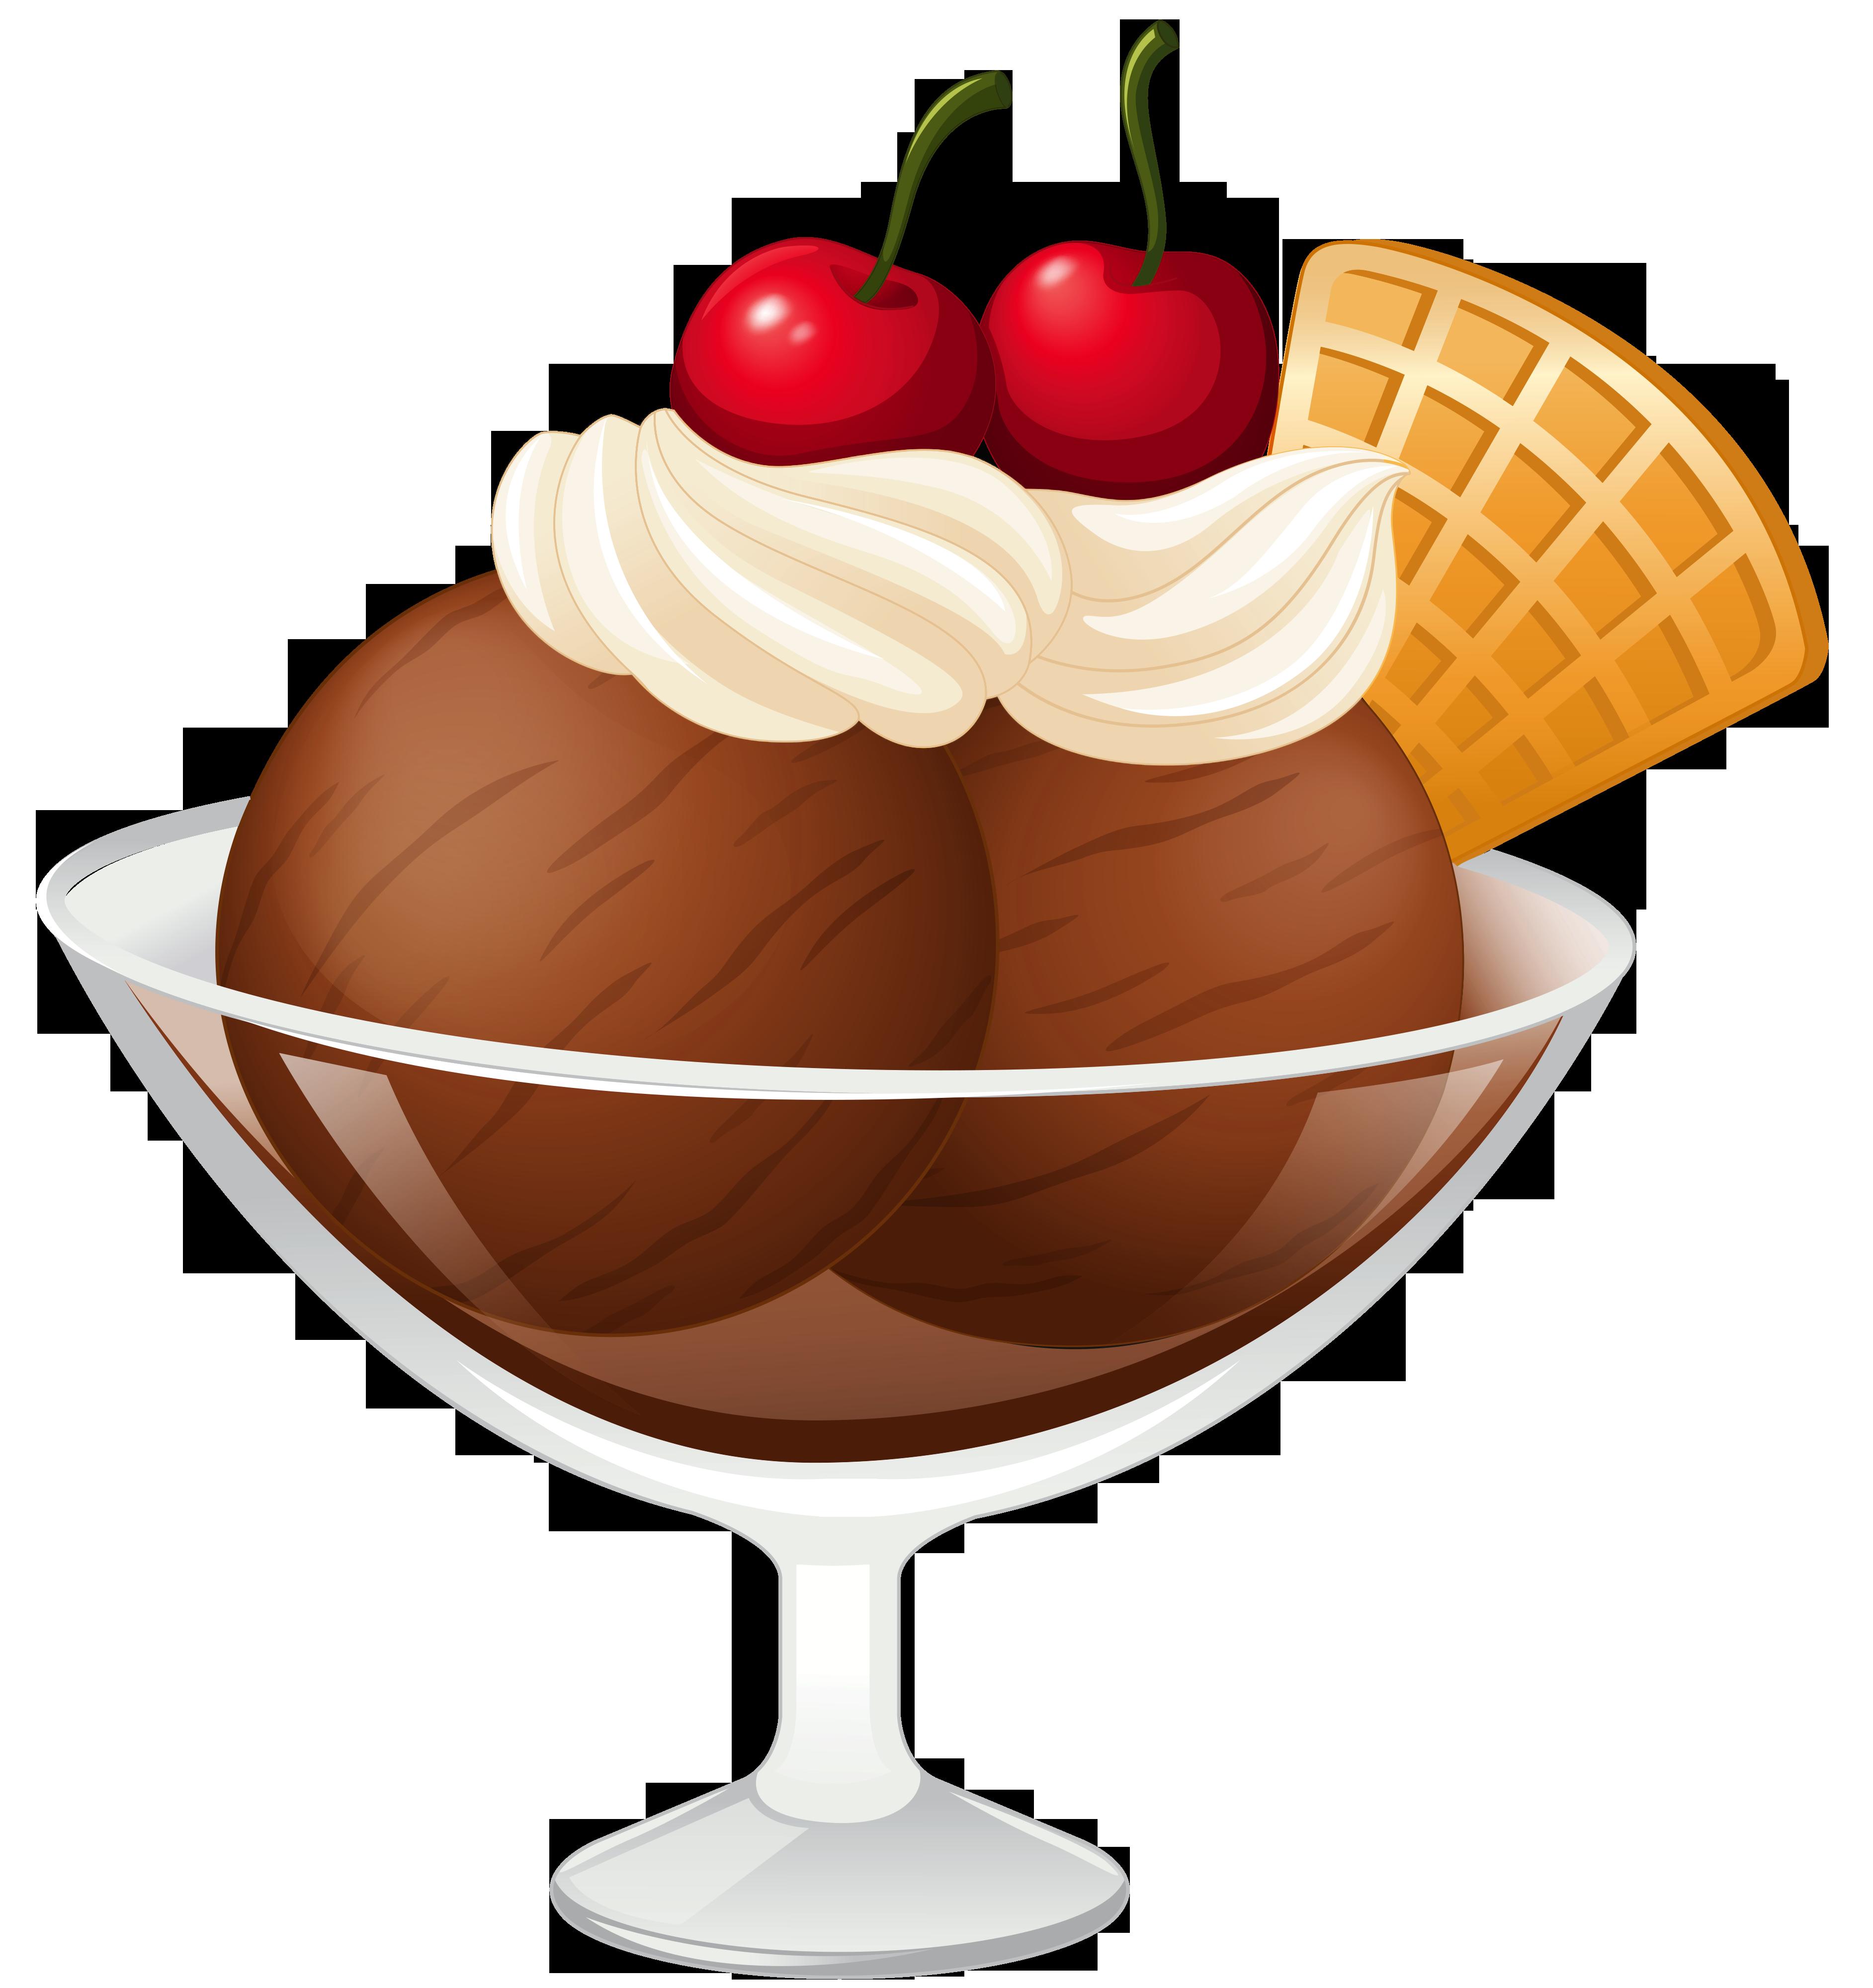 svg library stock Chocolate ice cream transparent. Sundae clipart craem